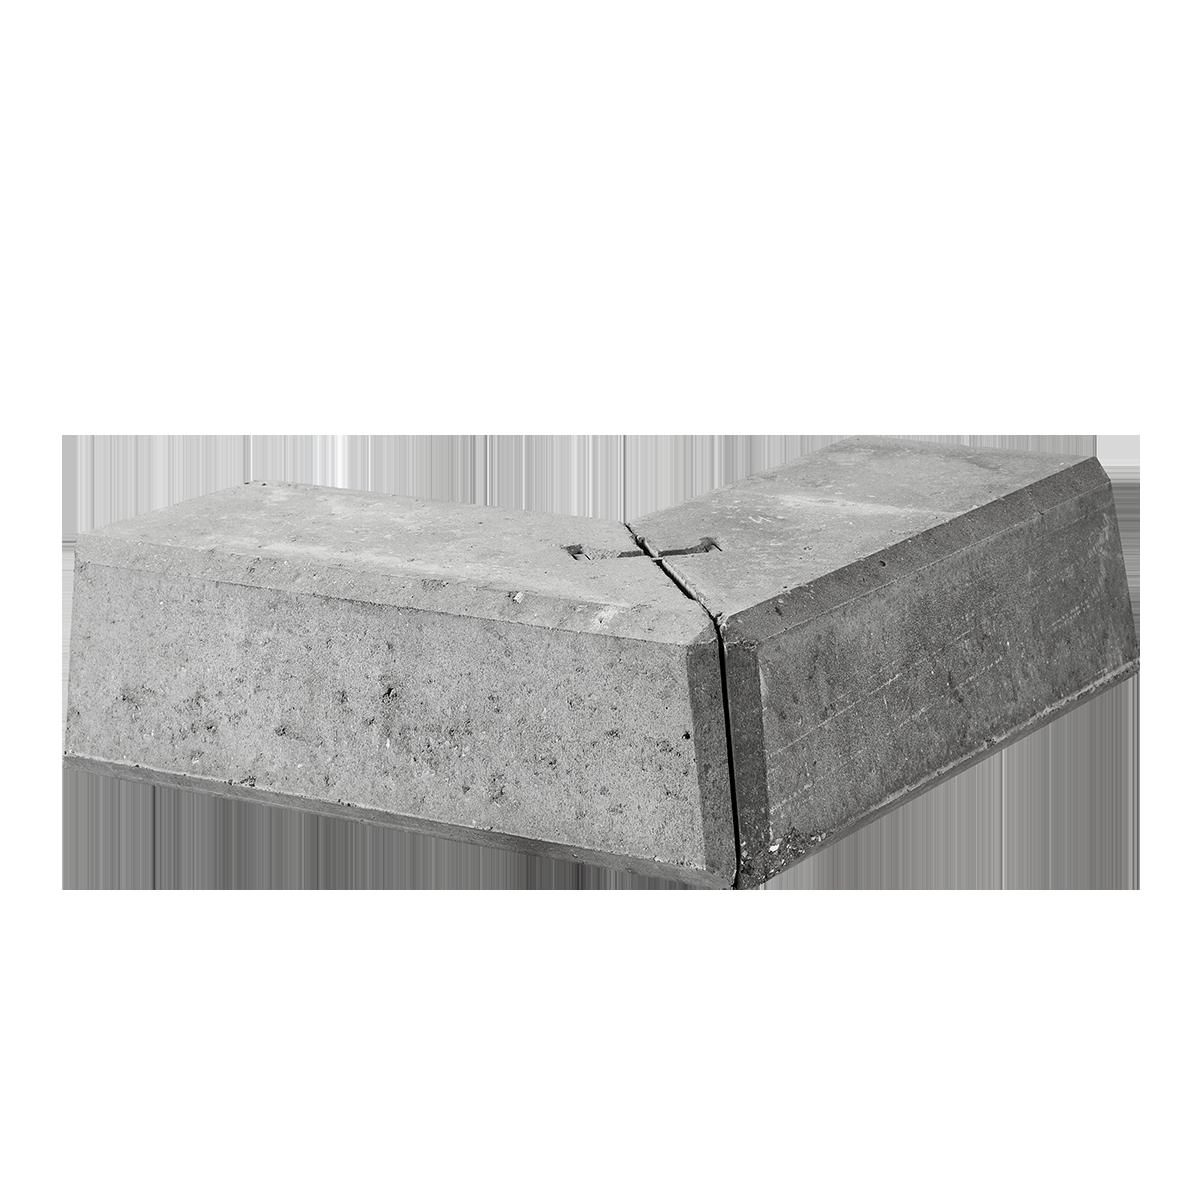 Danblokke 30/57x30/57x27x17 cm Grå Hjørner Type 1